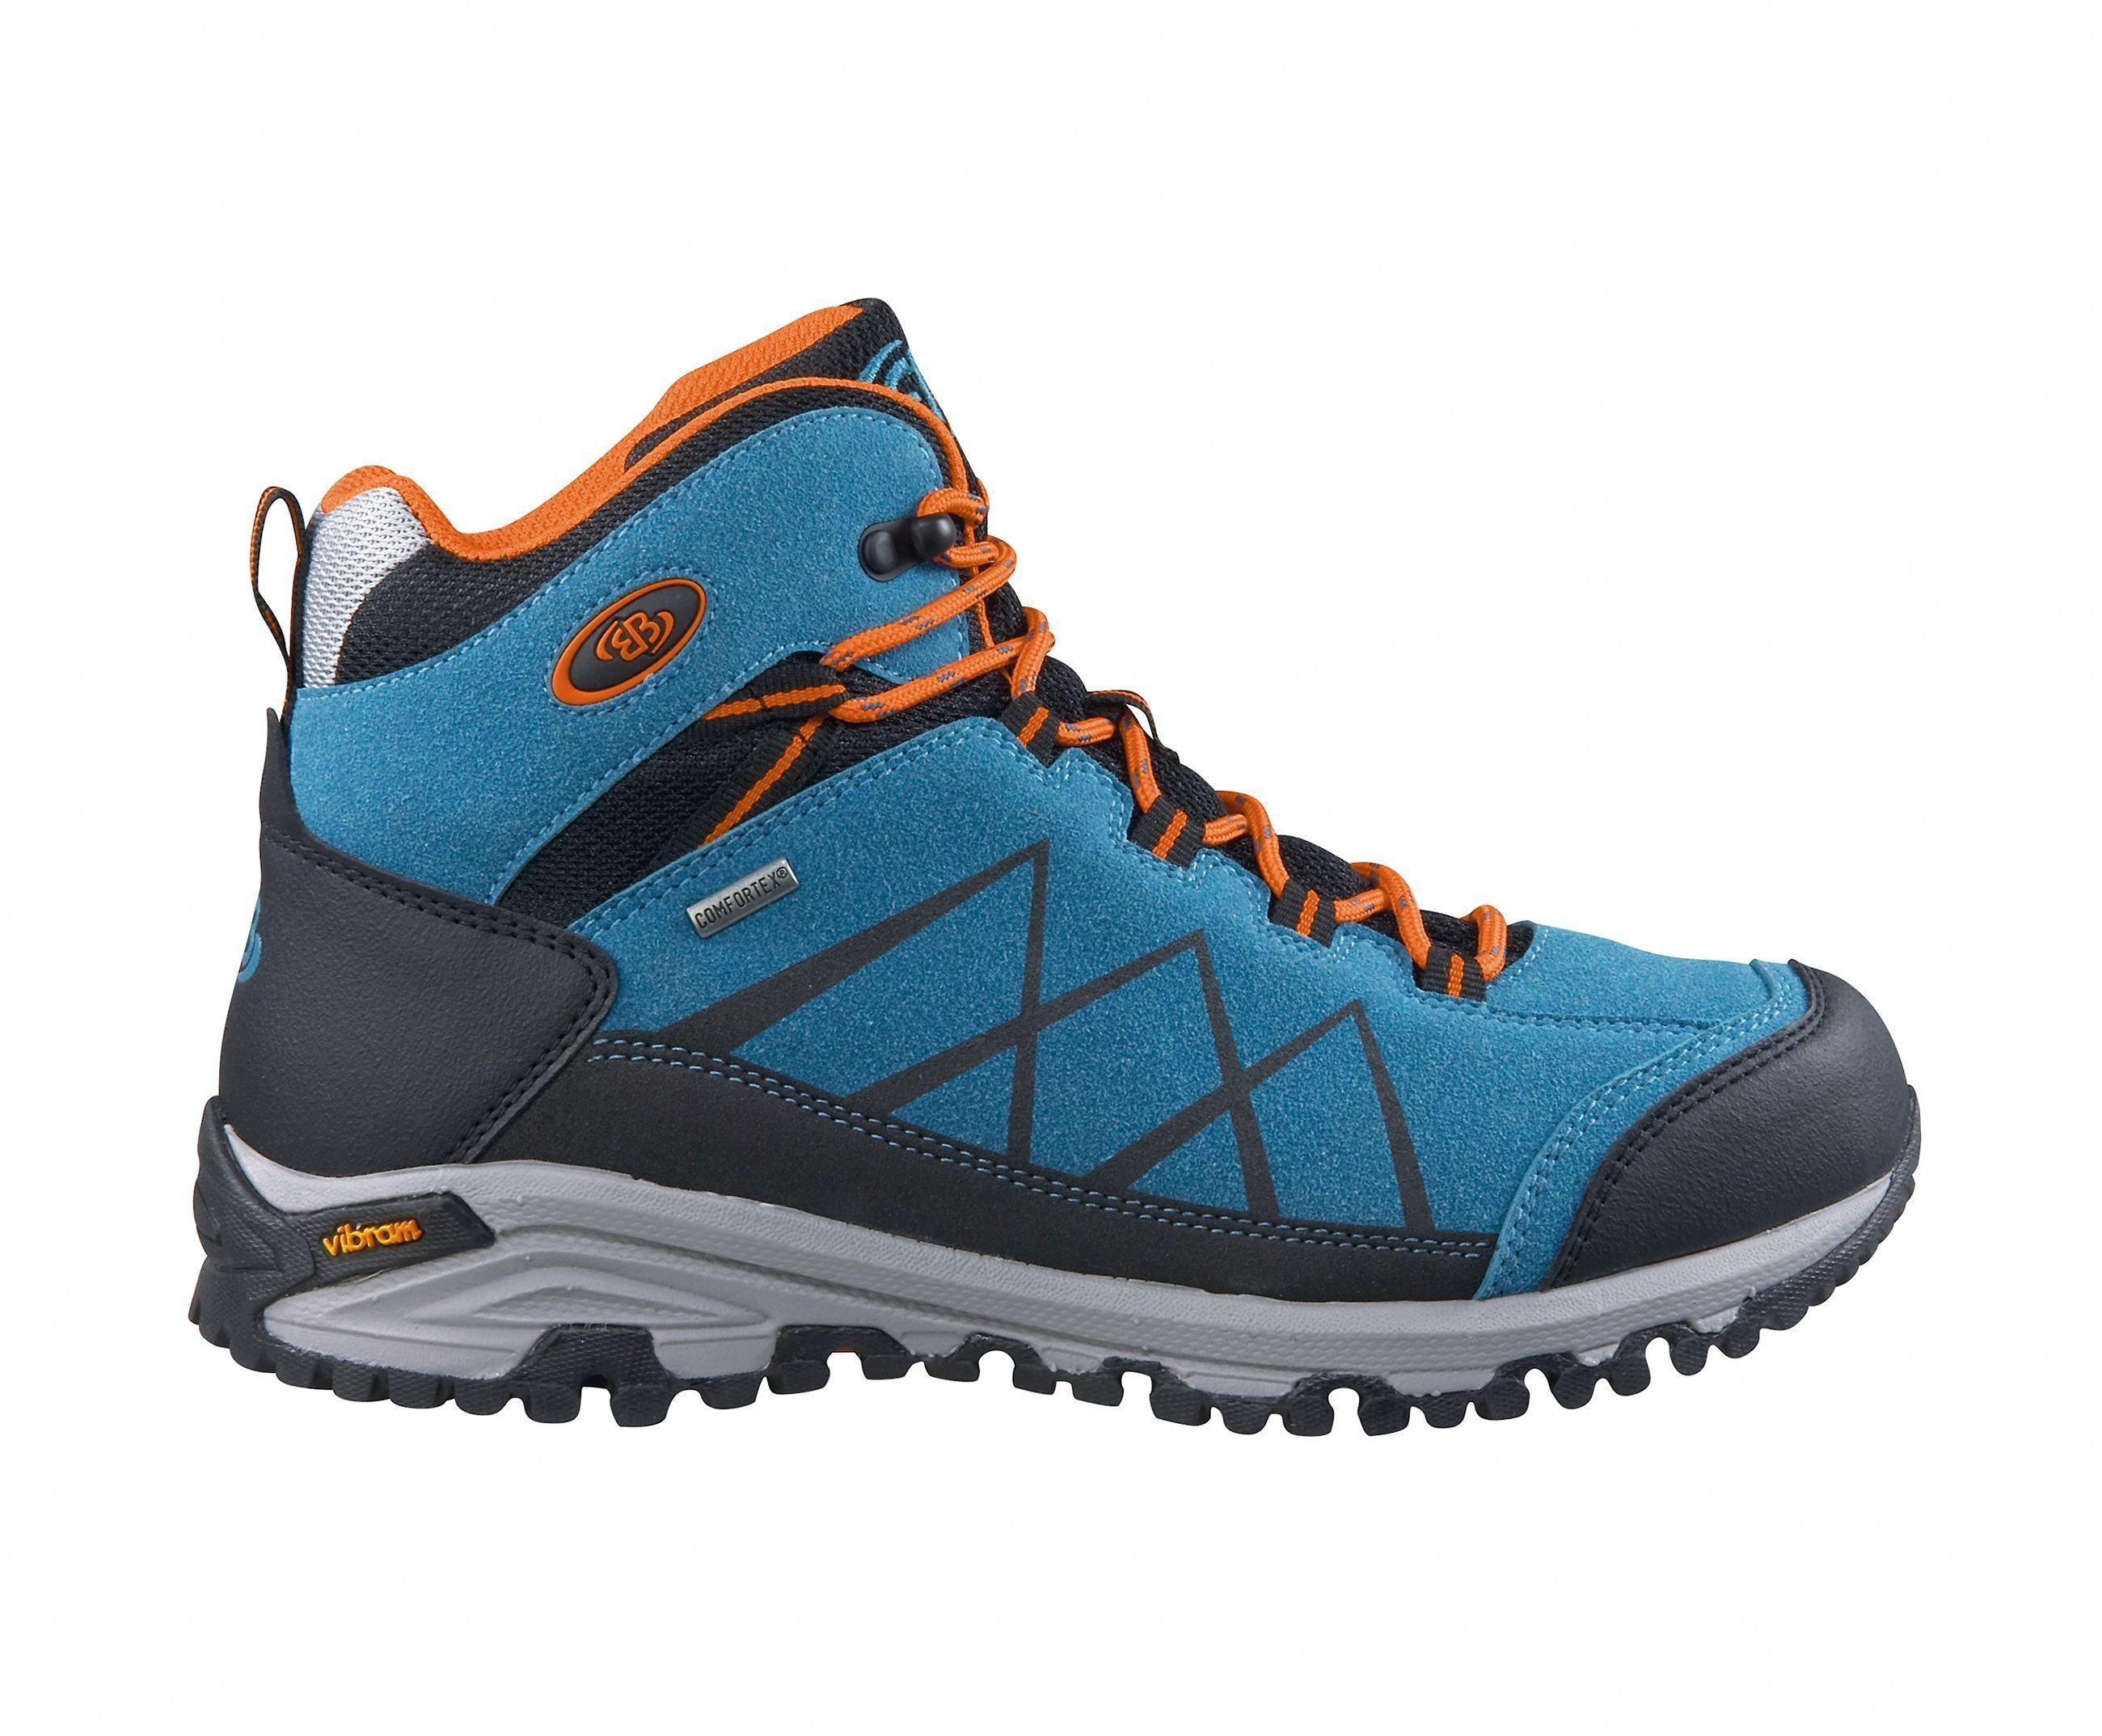 BRÜTTING Trekkingschuh Outdoorstiefel Kansas High | Schuhe > Outdoorschuhe > Trekkingschuhe | Blau | Brütting